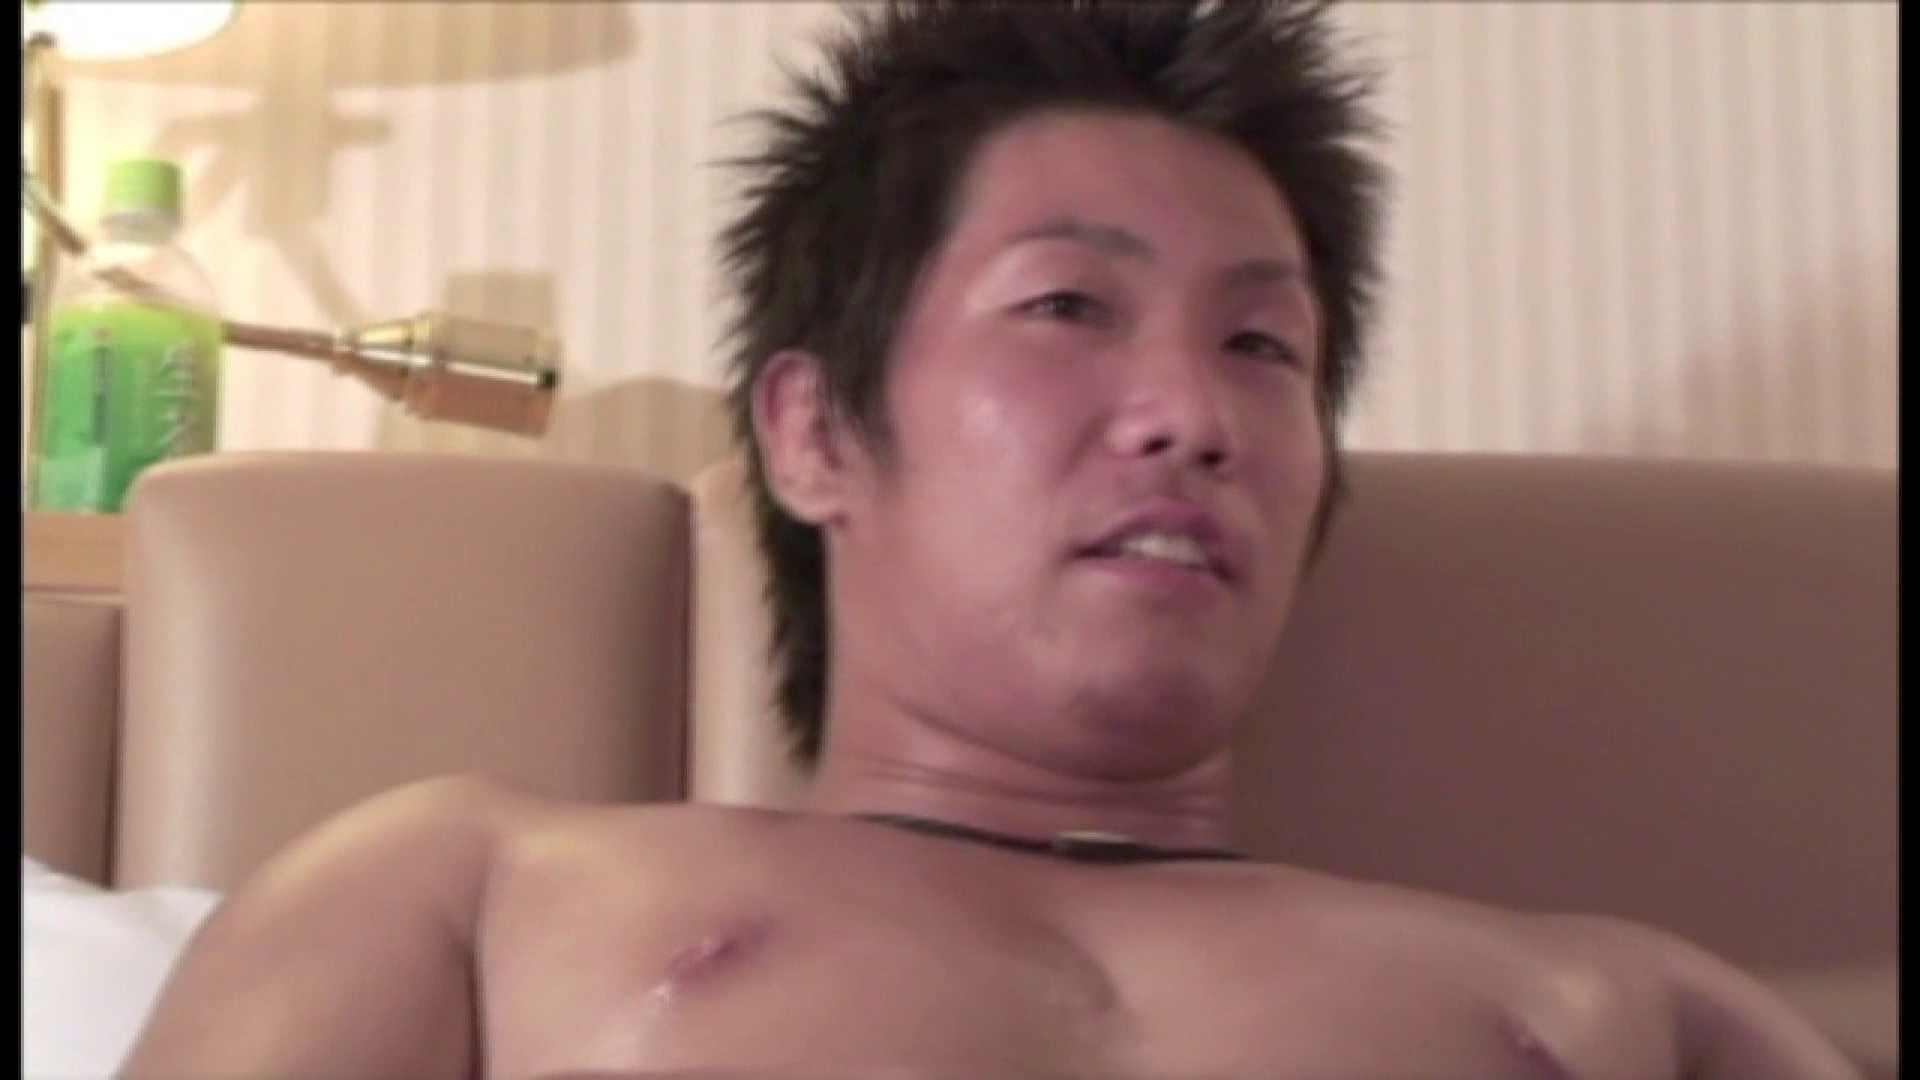 ノンケイケメンの欲望と肉棒 Vol.25 ノンケ ゲイアダルト画像 40連発 13